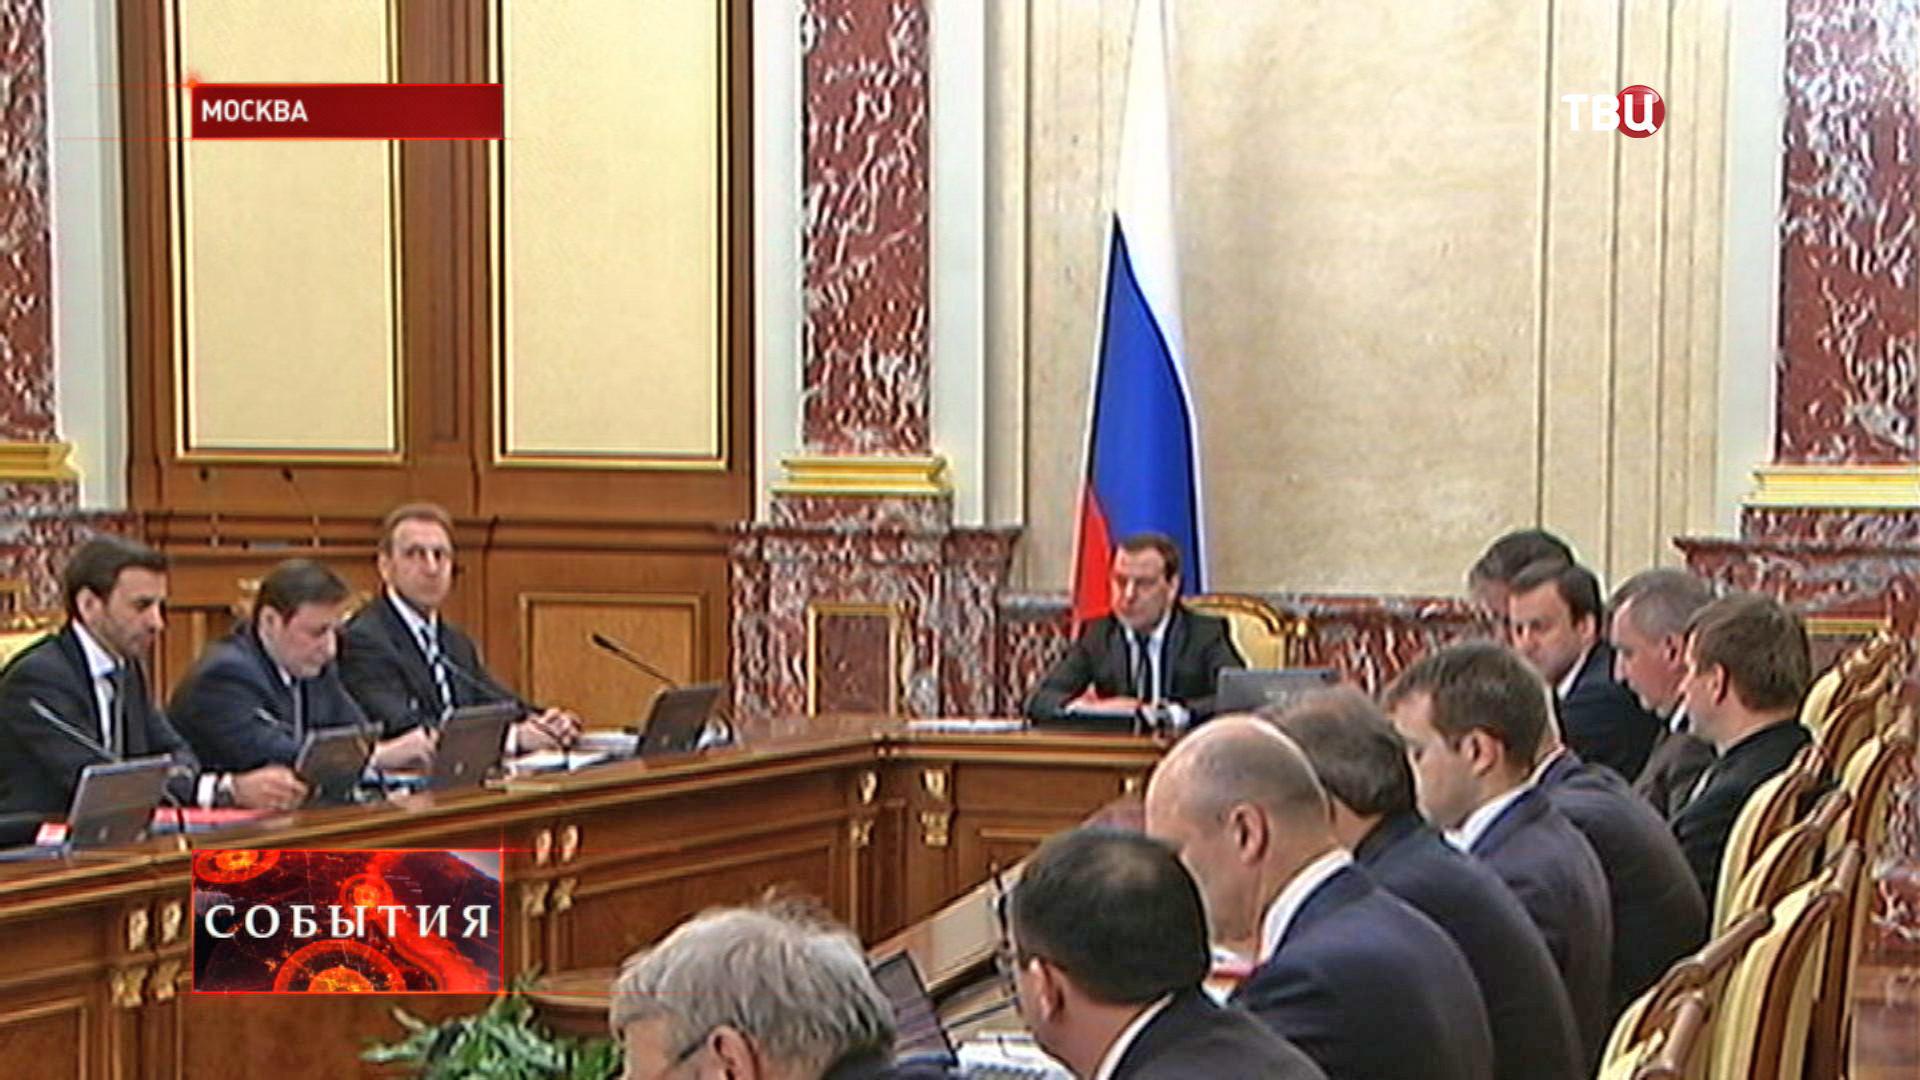 Заседание кабинета министров Российской Федерации